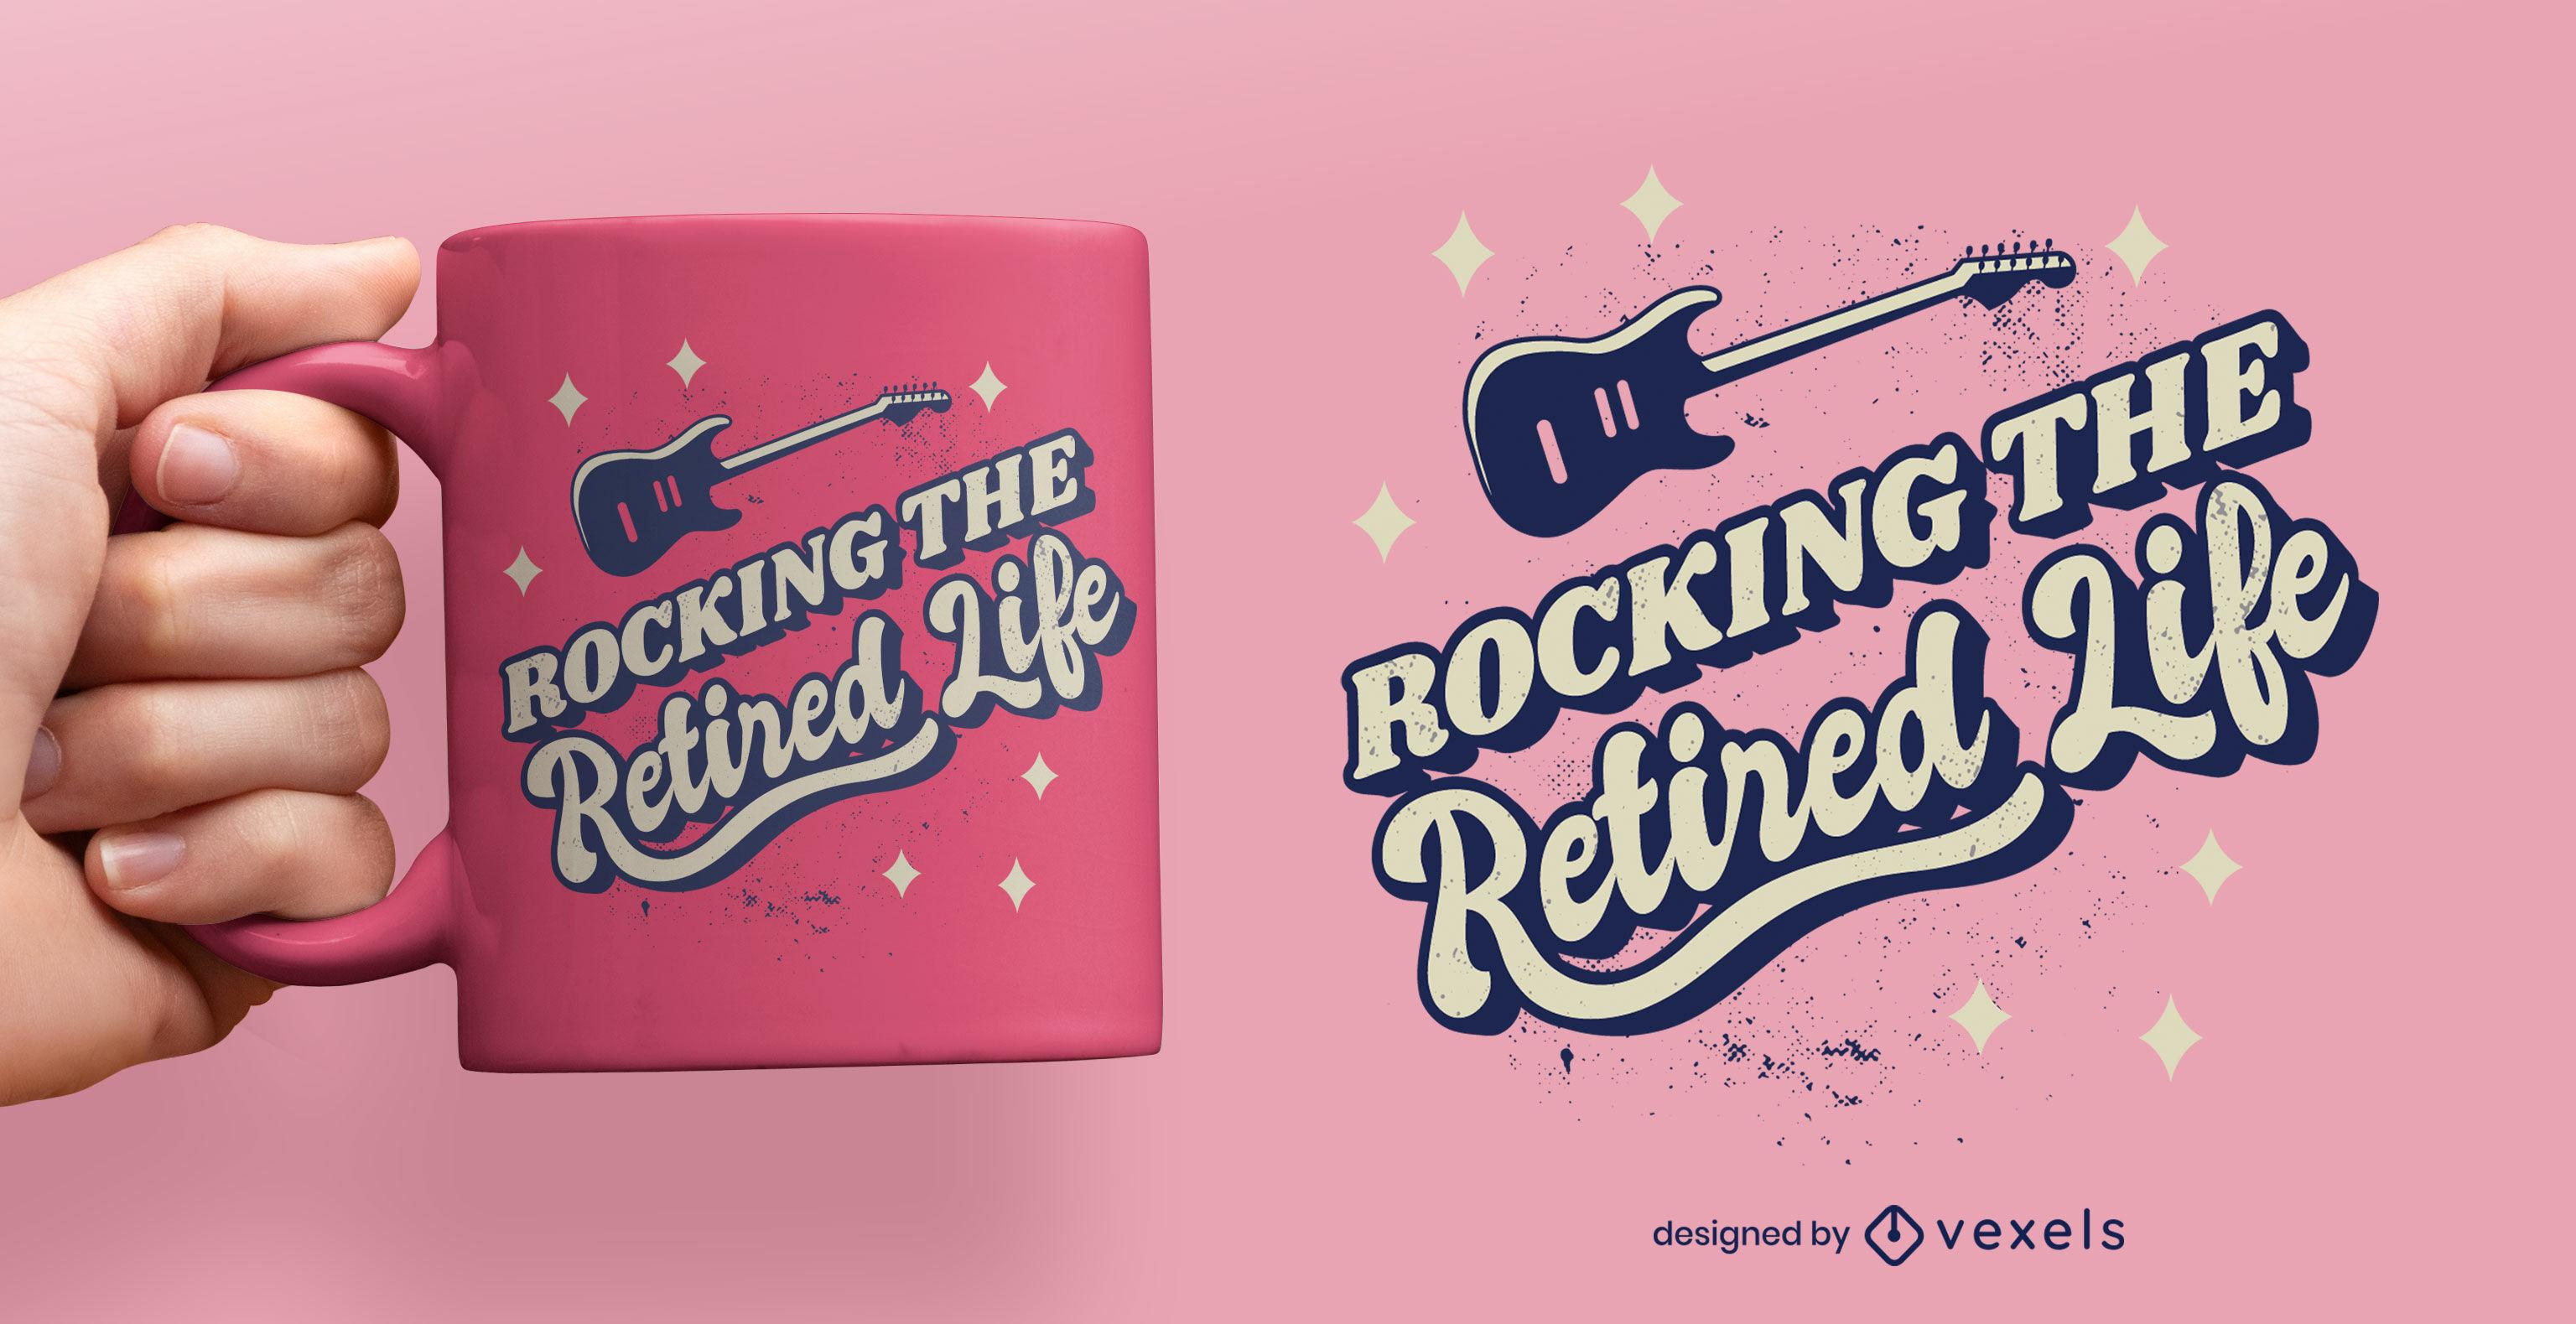 Retired life quote retro mug design